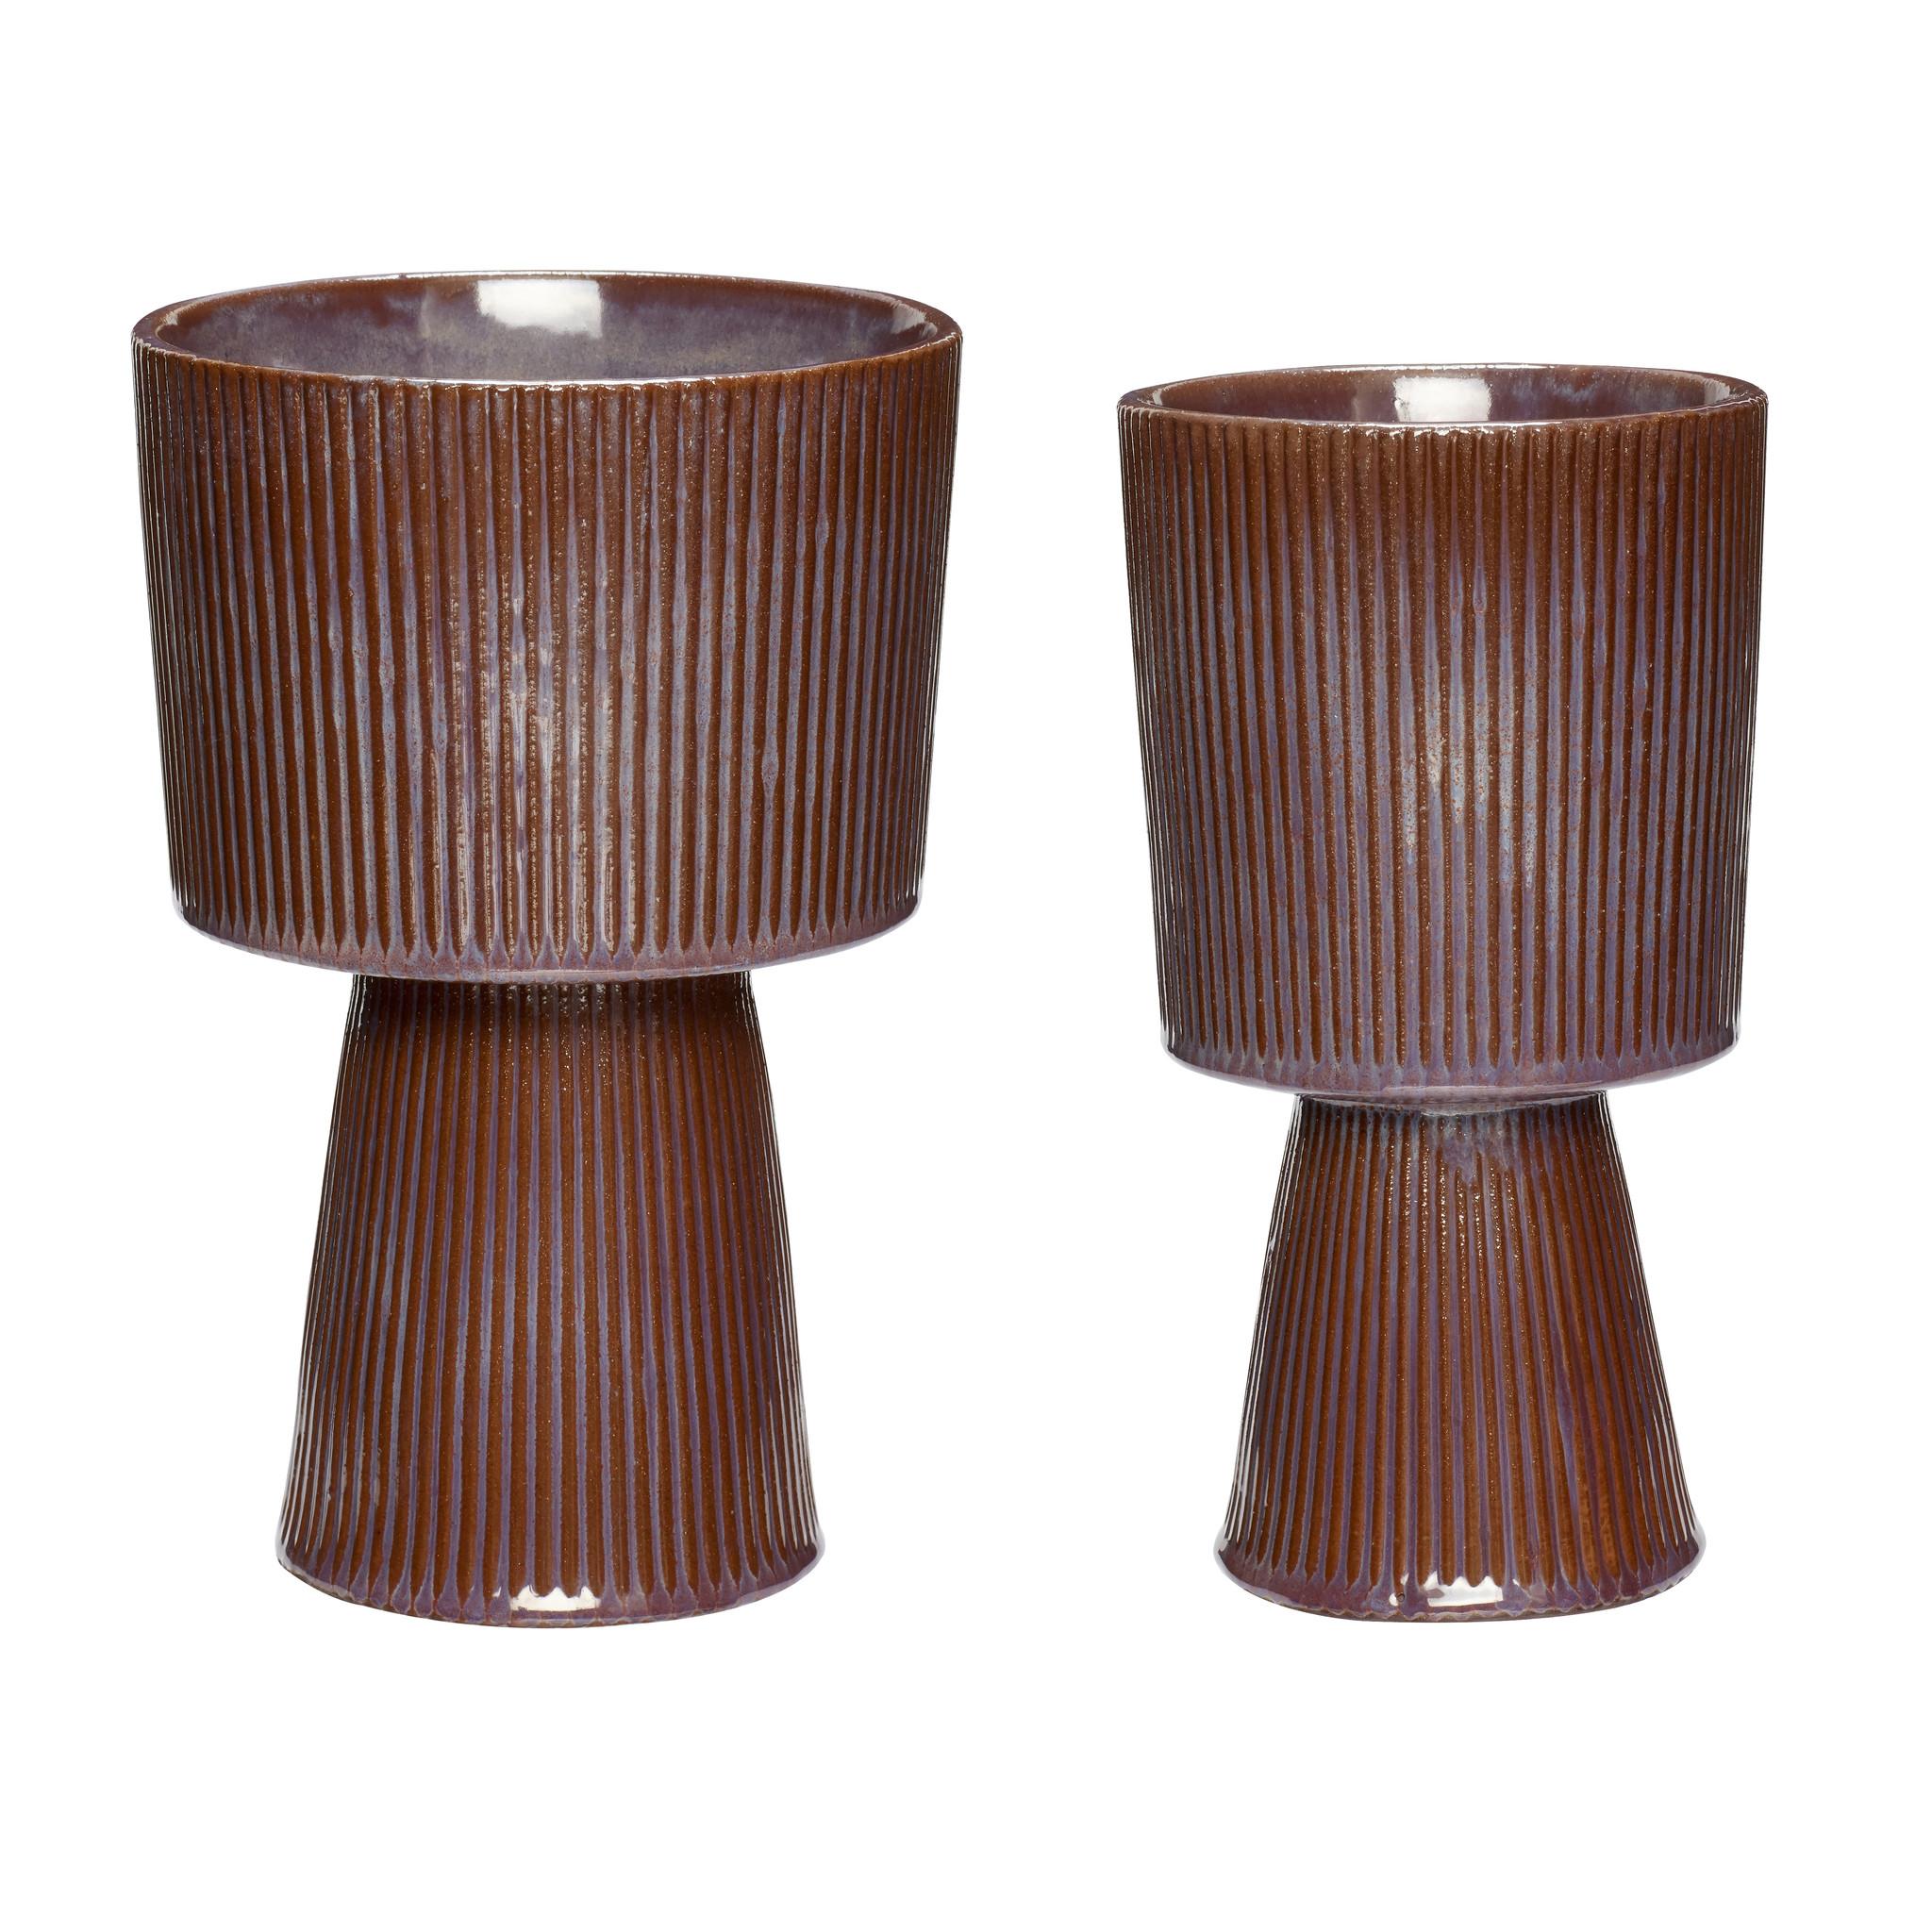 Hubsch Bloempot, keramiek, paars/bruin, set van 2-671102-5712772072776